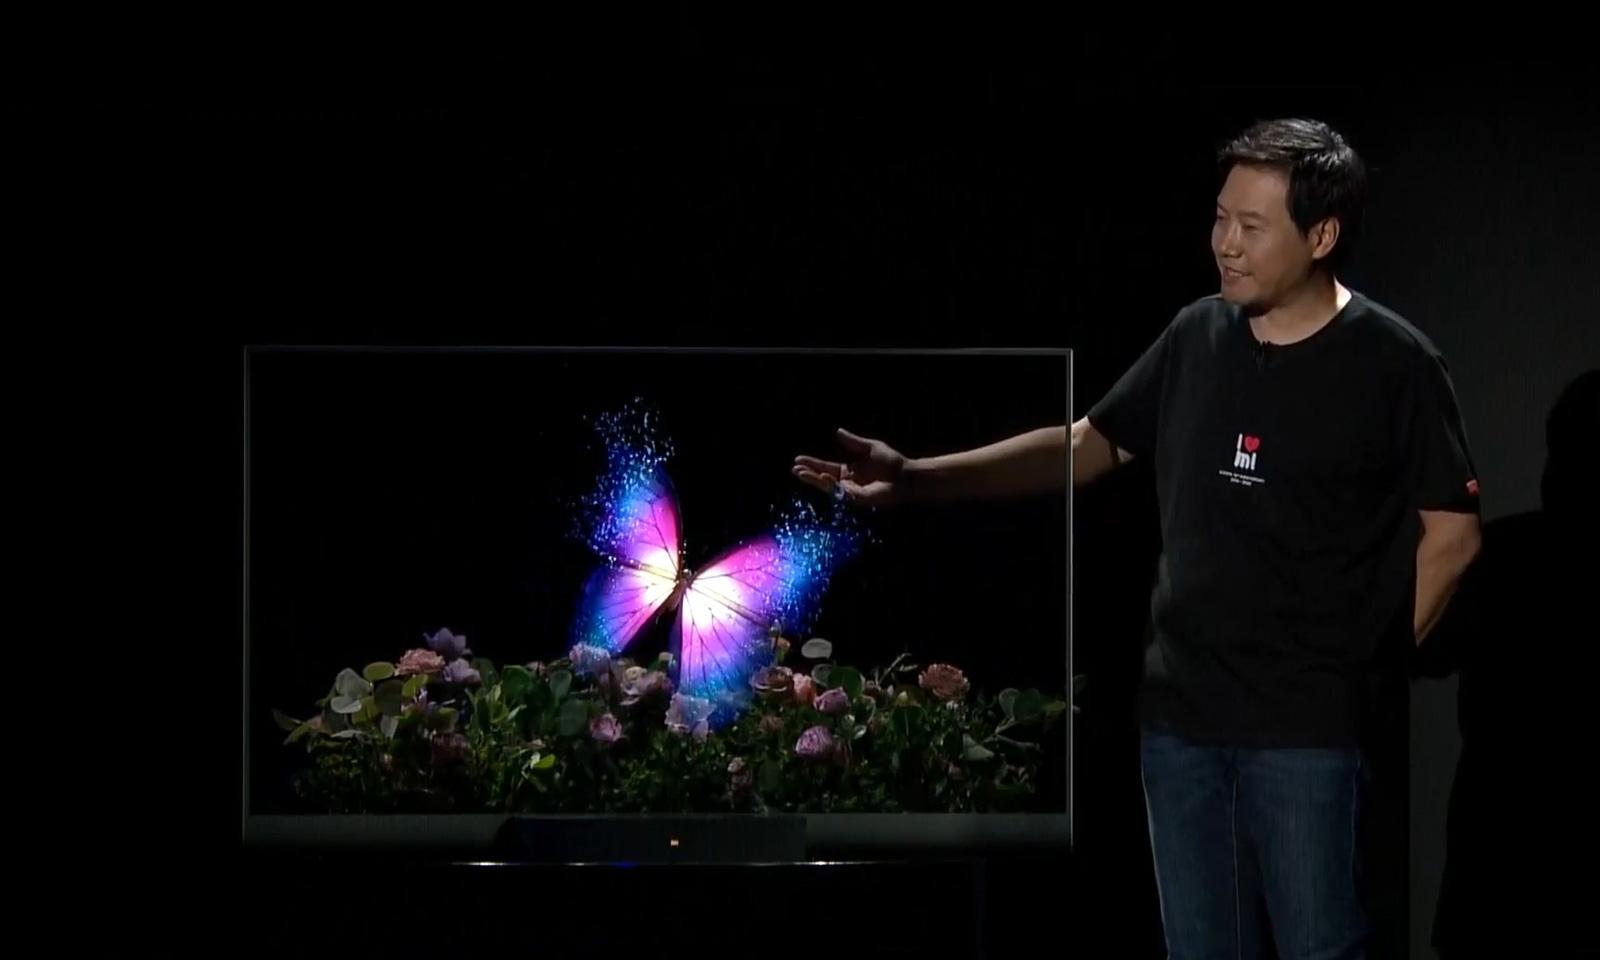 小米发布全球首款量产透明电视机